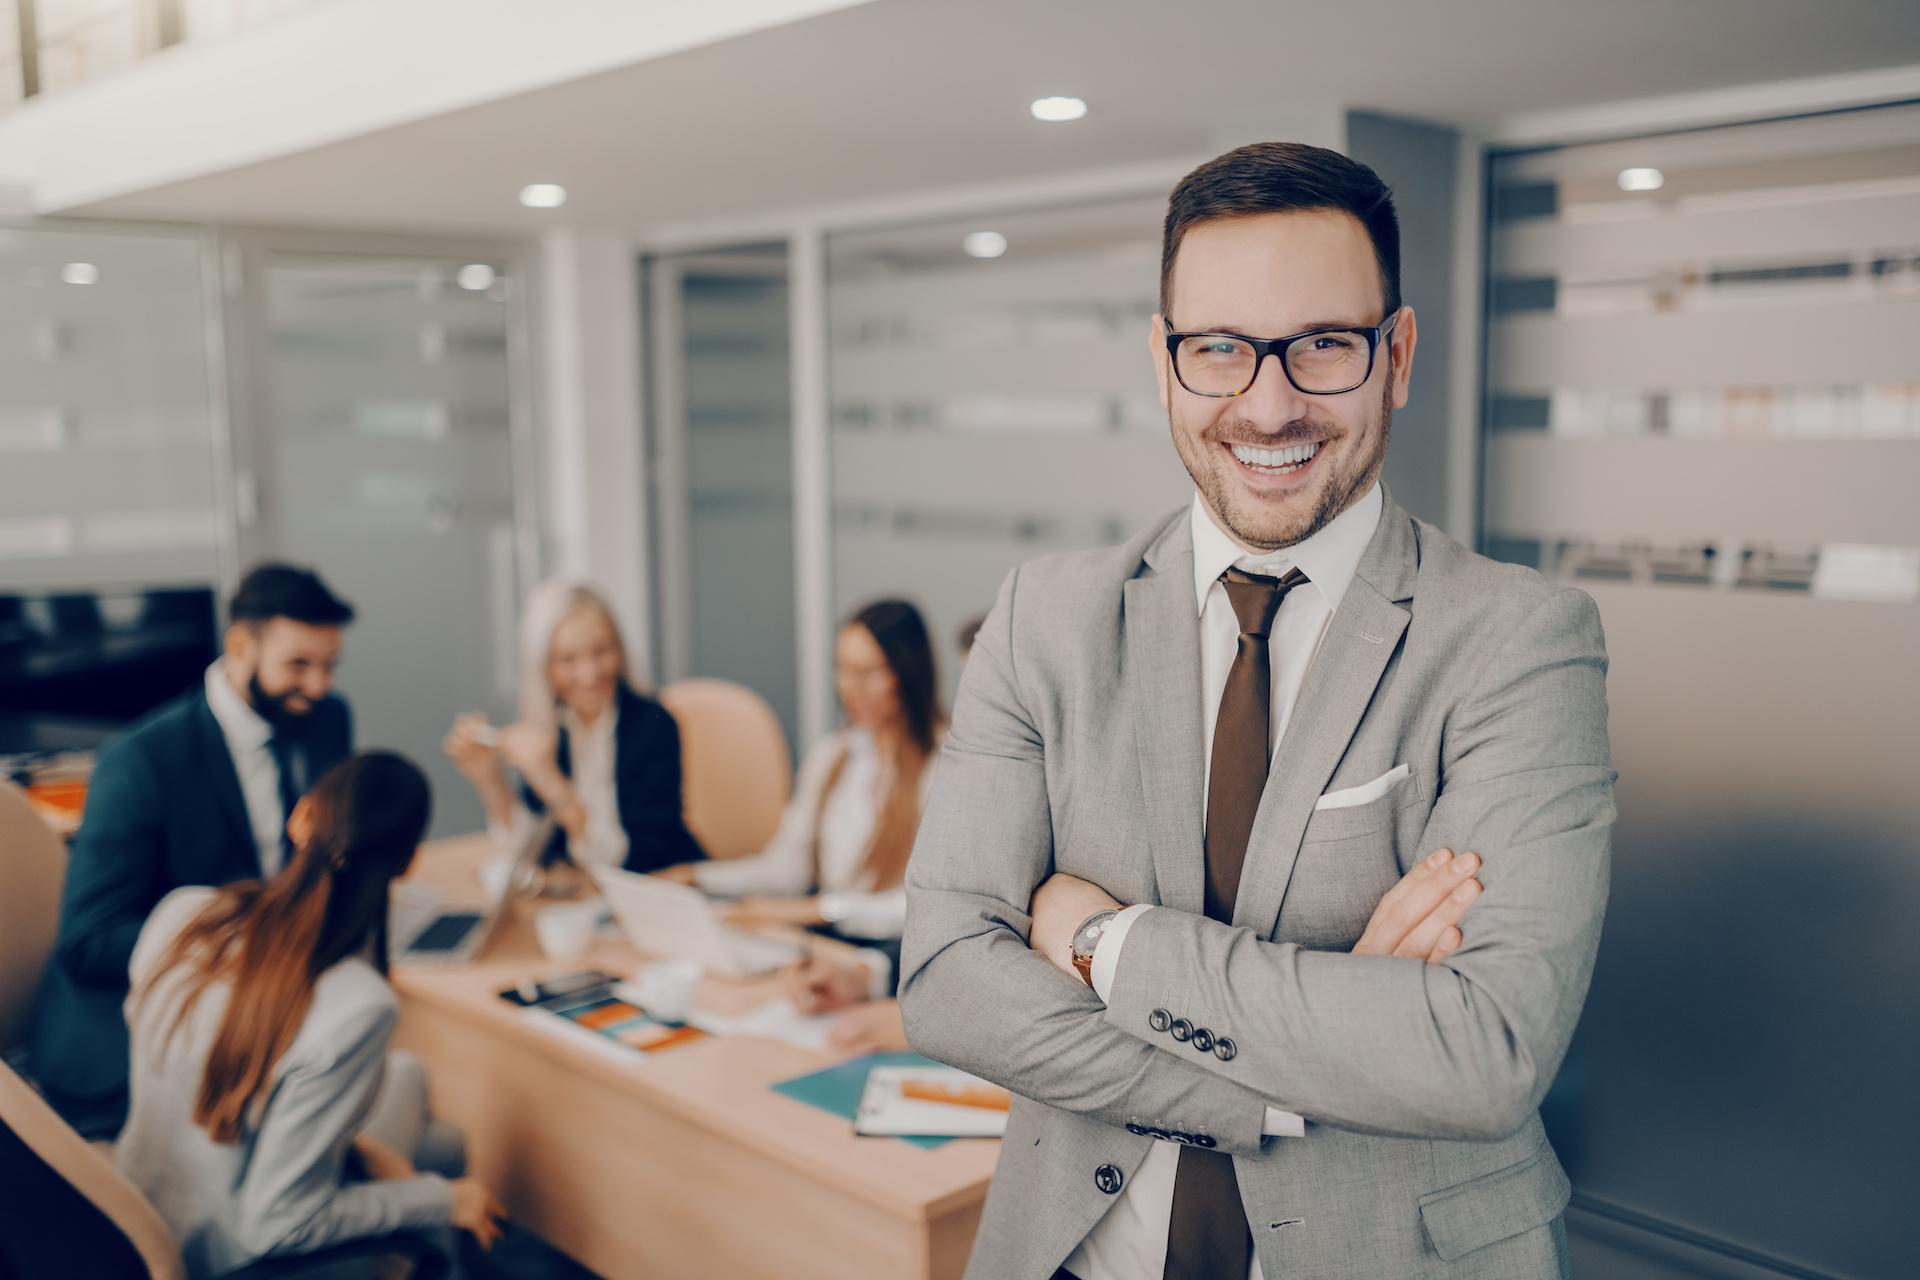 Handsome smiling businessman in formal wear and eyeglasses